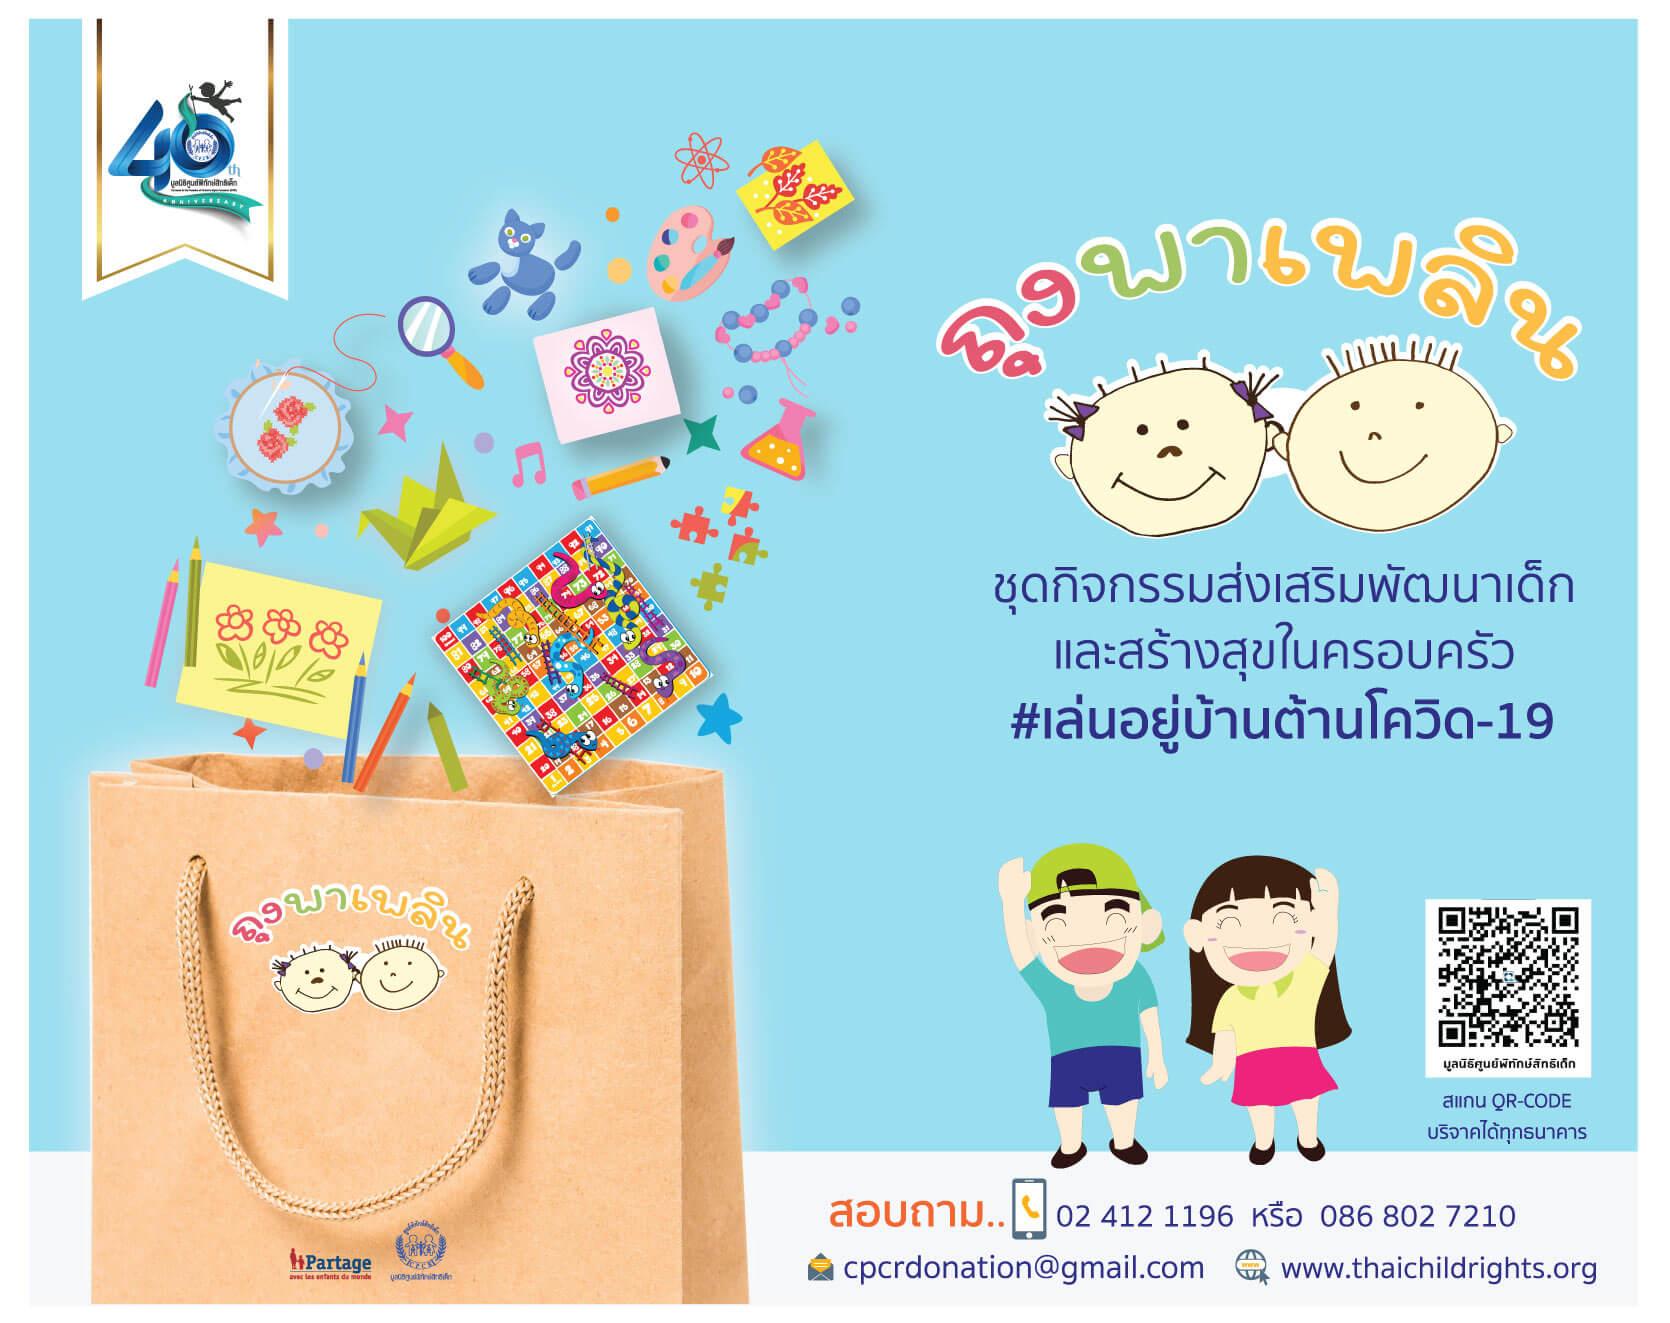 โครงการถุงพาเพลิน ชุดกิจกรรมส่งเสริมพัฒนาเด็กและสร้างสุขในครอบครัว